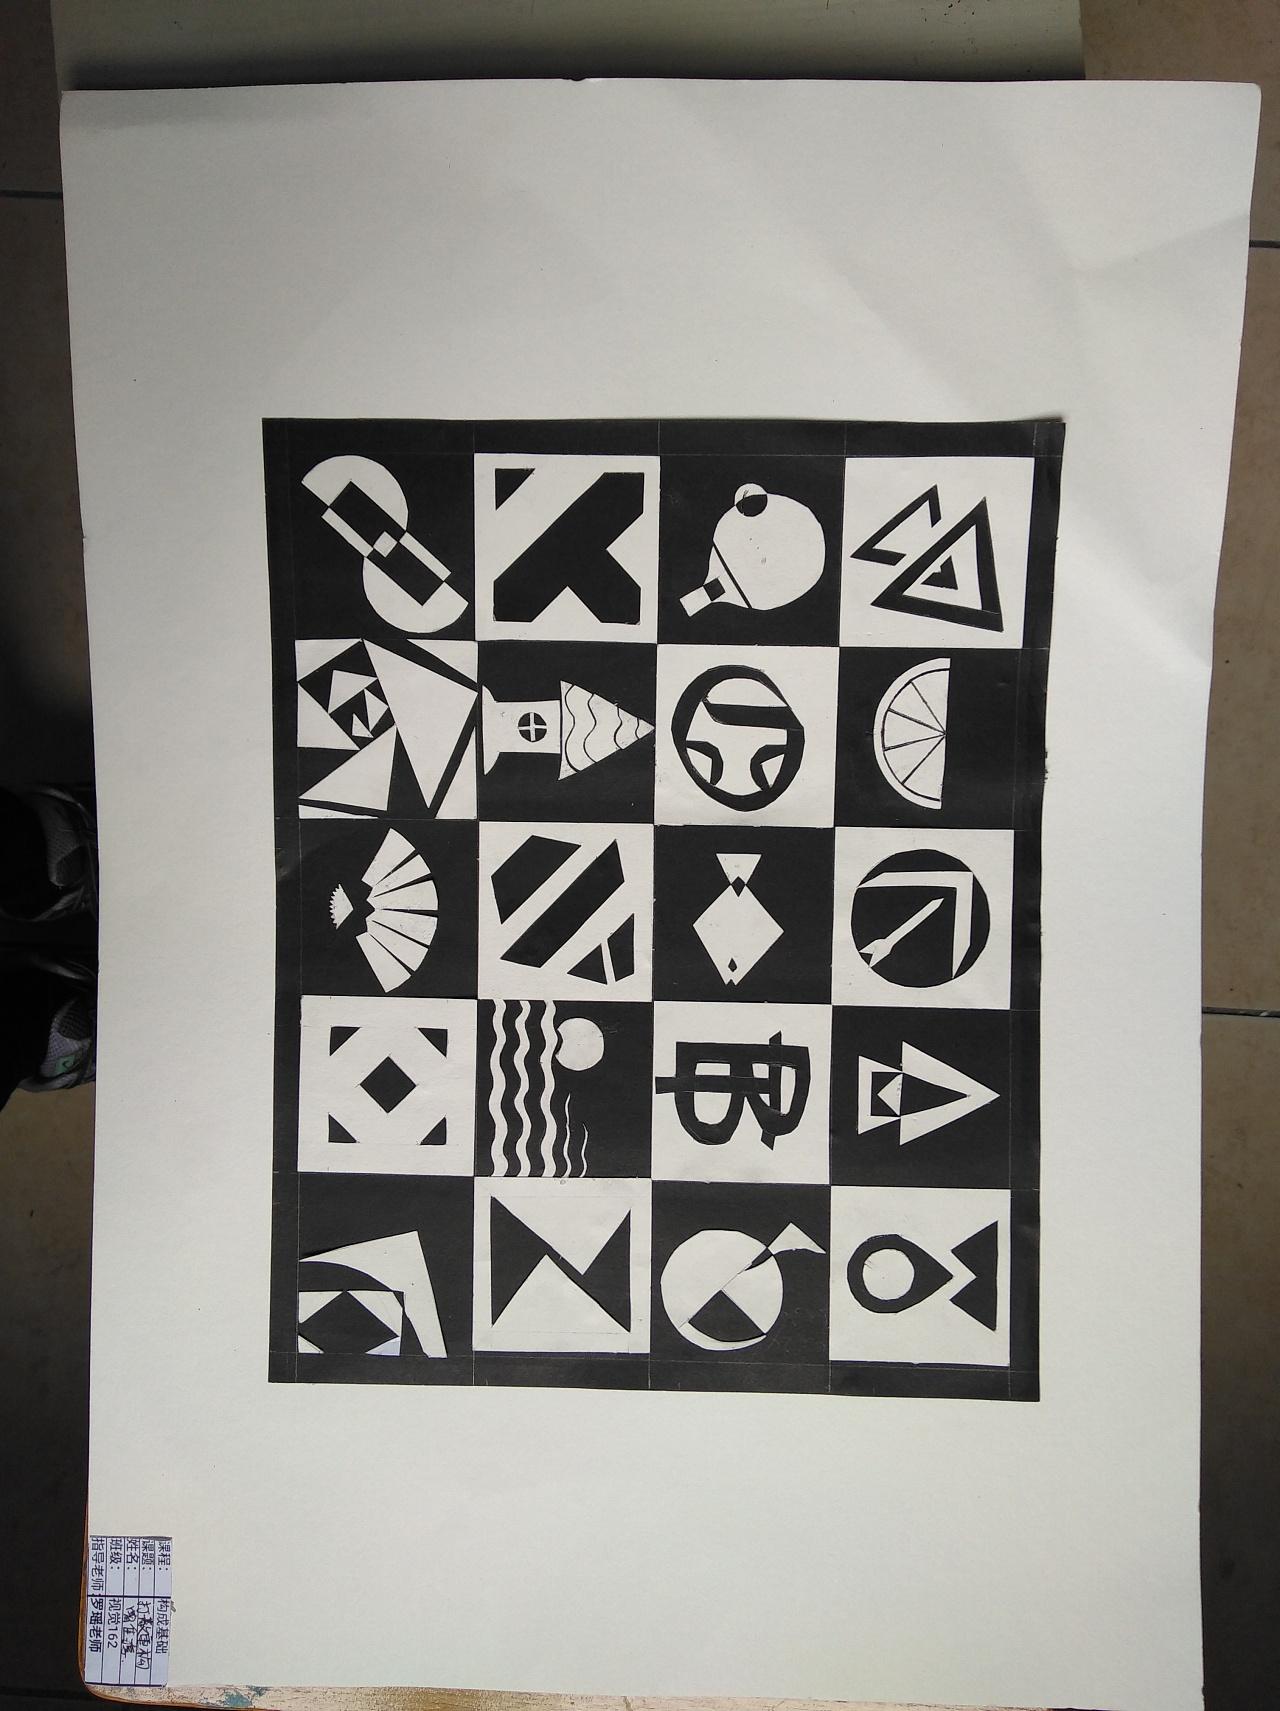 点线构成的图片_打散重构以及点线面构成 插画 插画习作 Tibi - 原创作品 - 站酷 (ZCOOL)